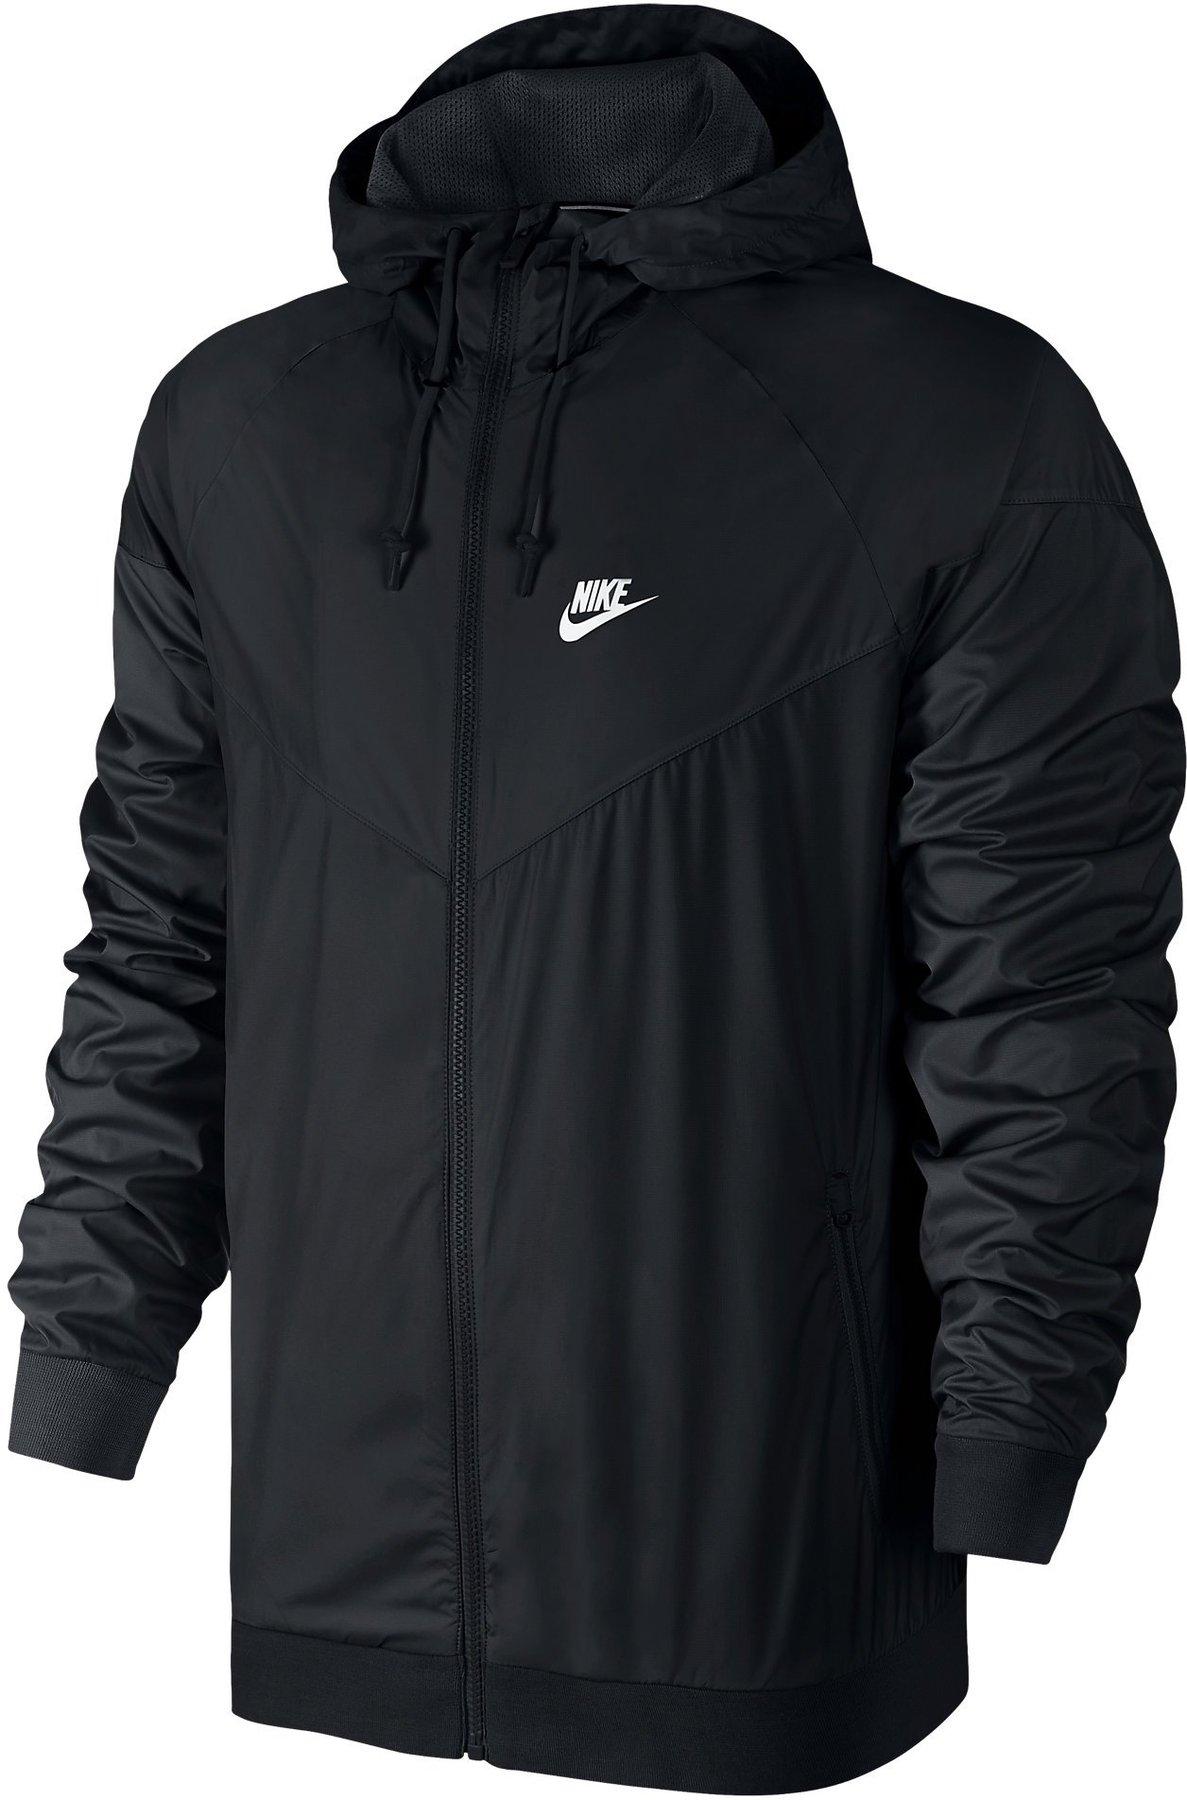 Nike Windrunner (727324) ab 63,96 € im Preisvergleich kaufen